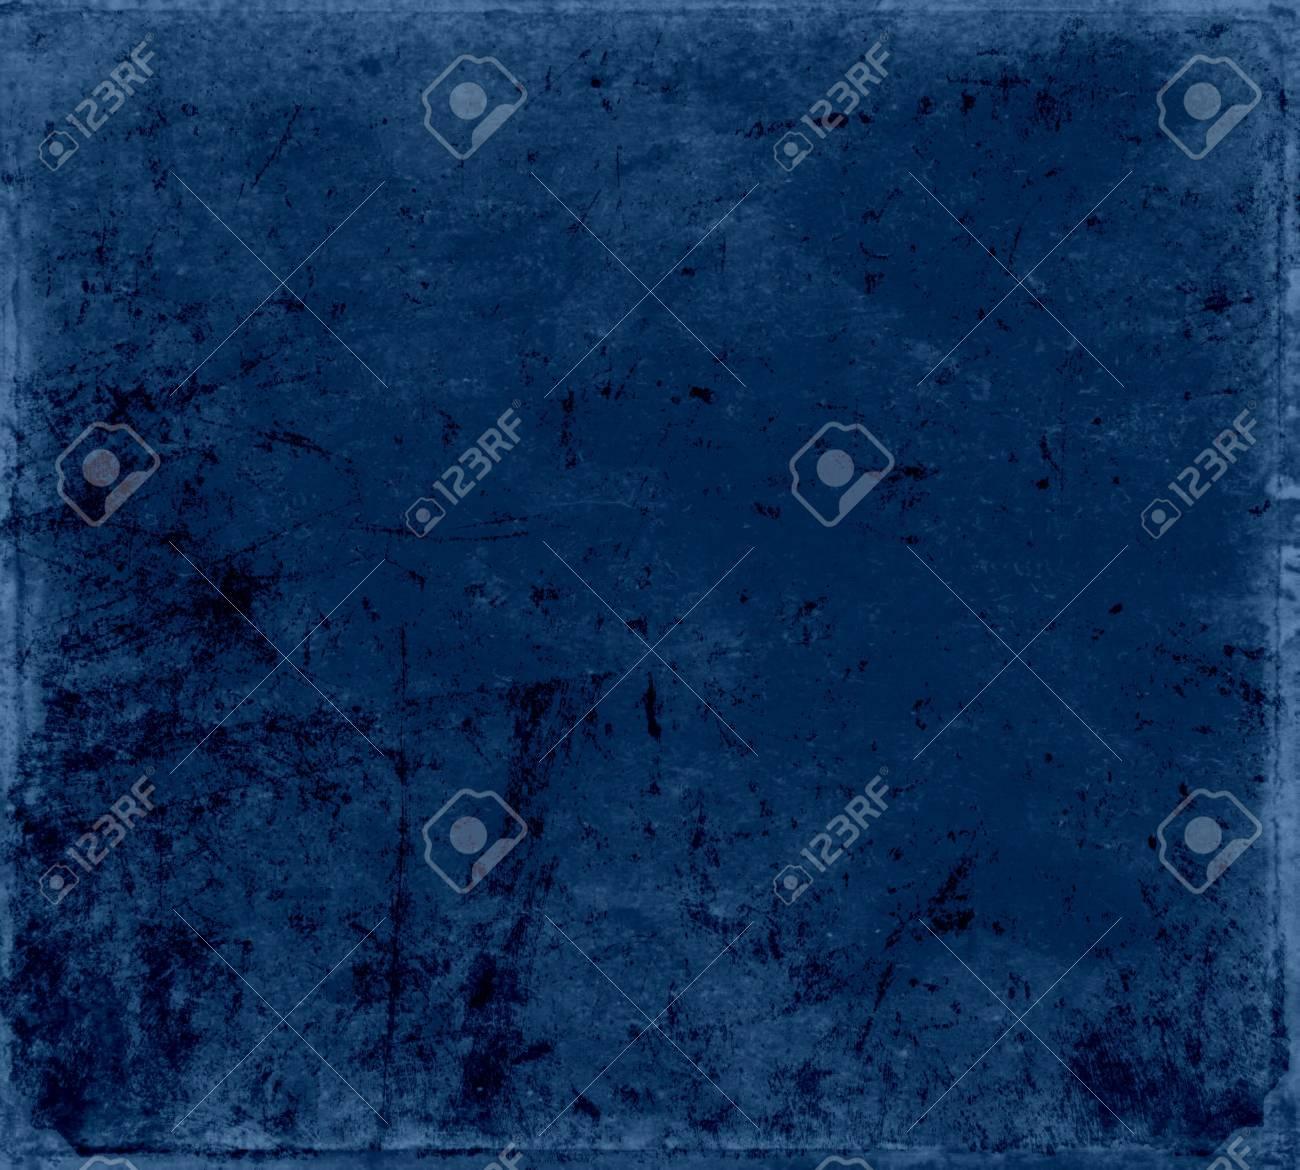 Dark blue wall texture, grunge background Stock Photo - 15731737